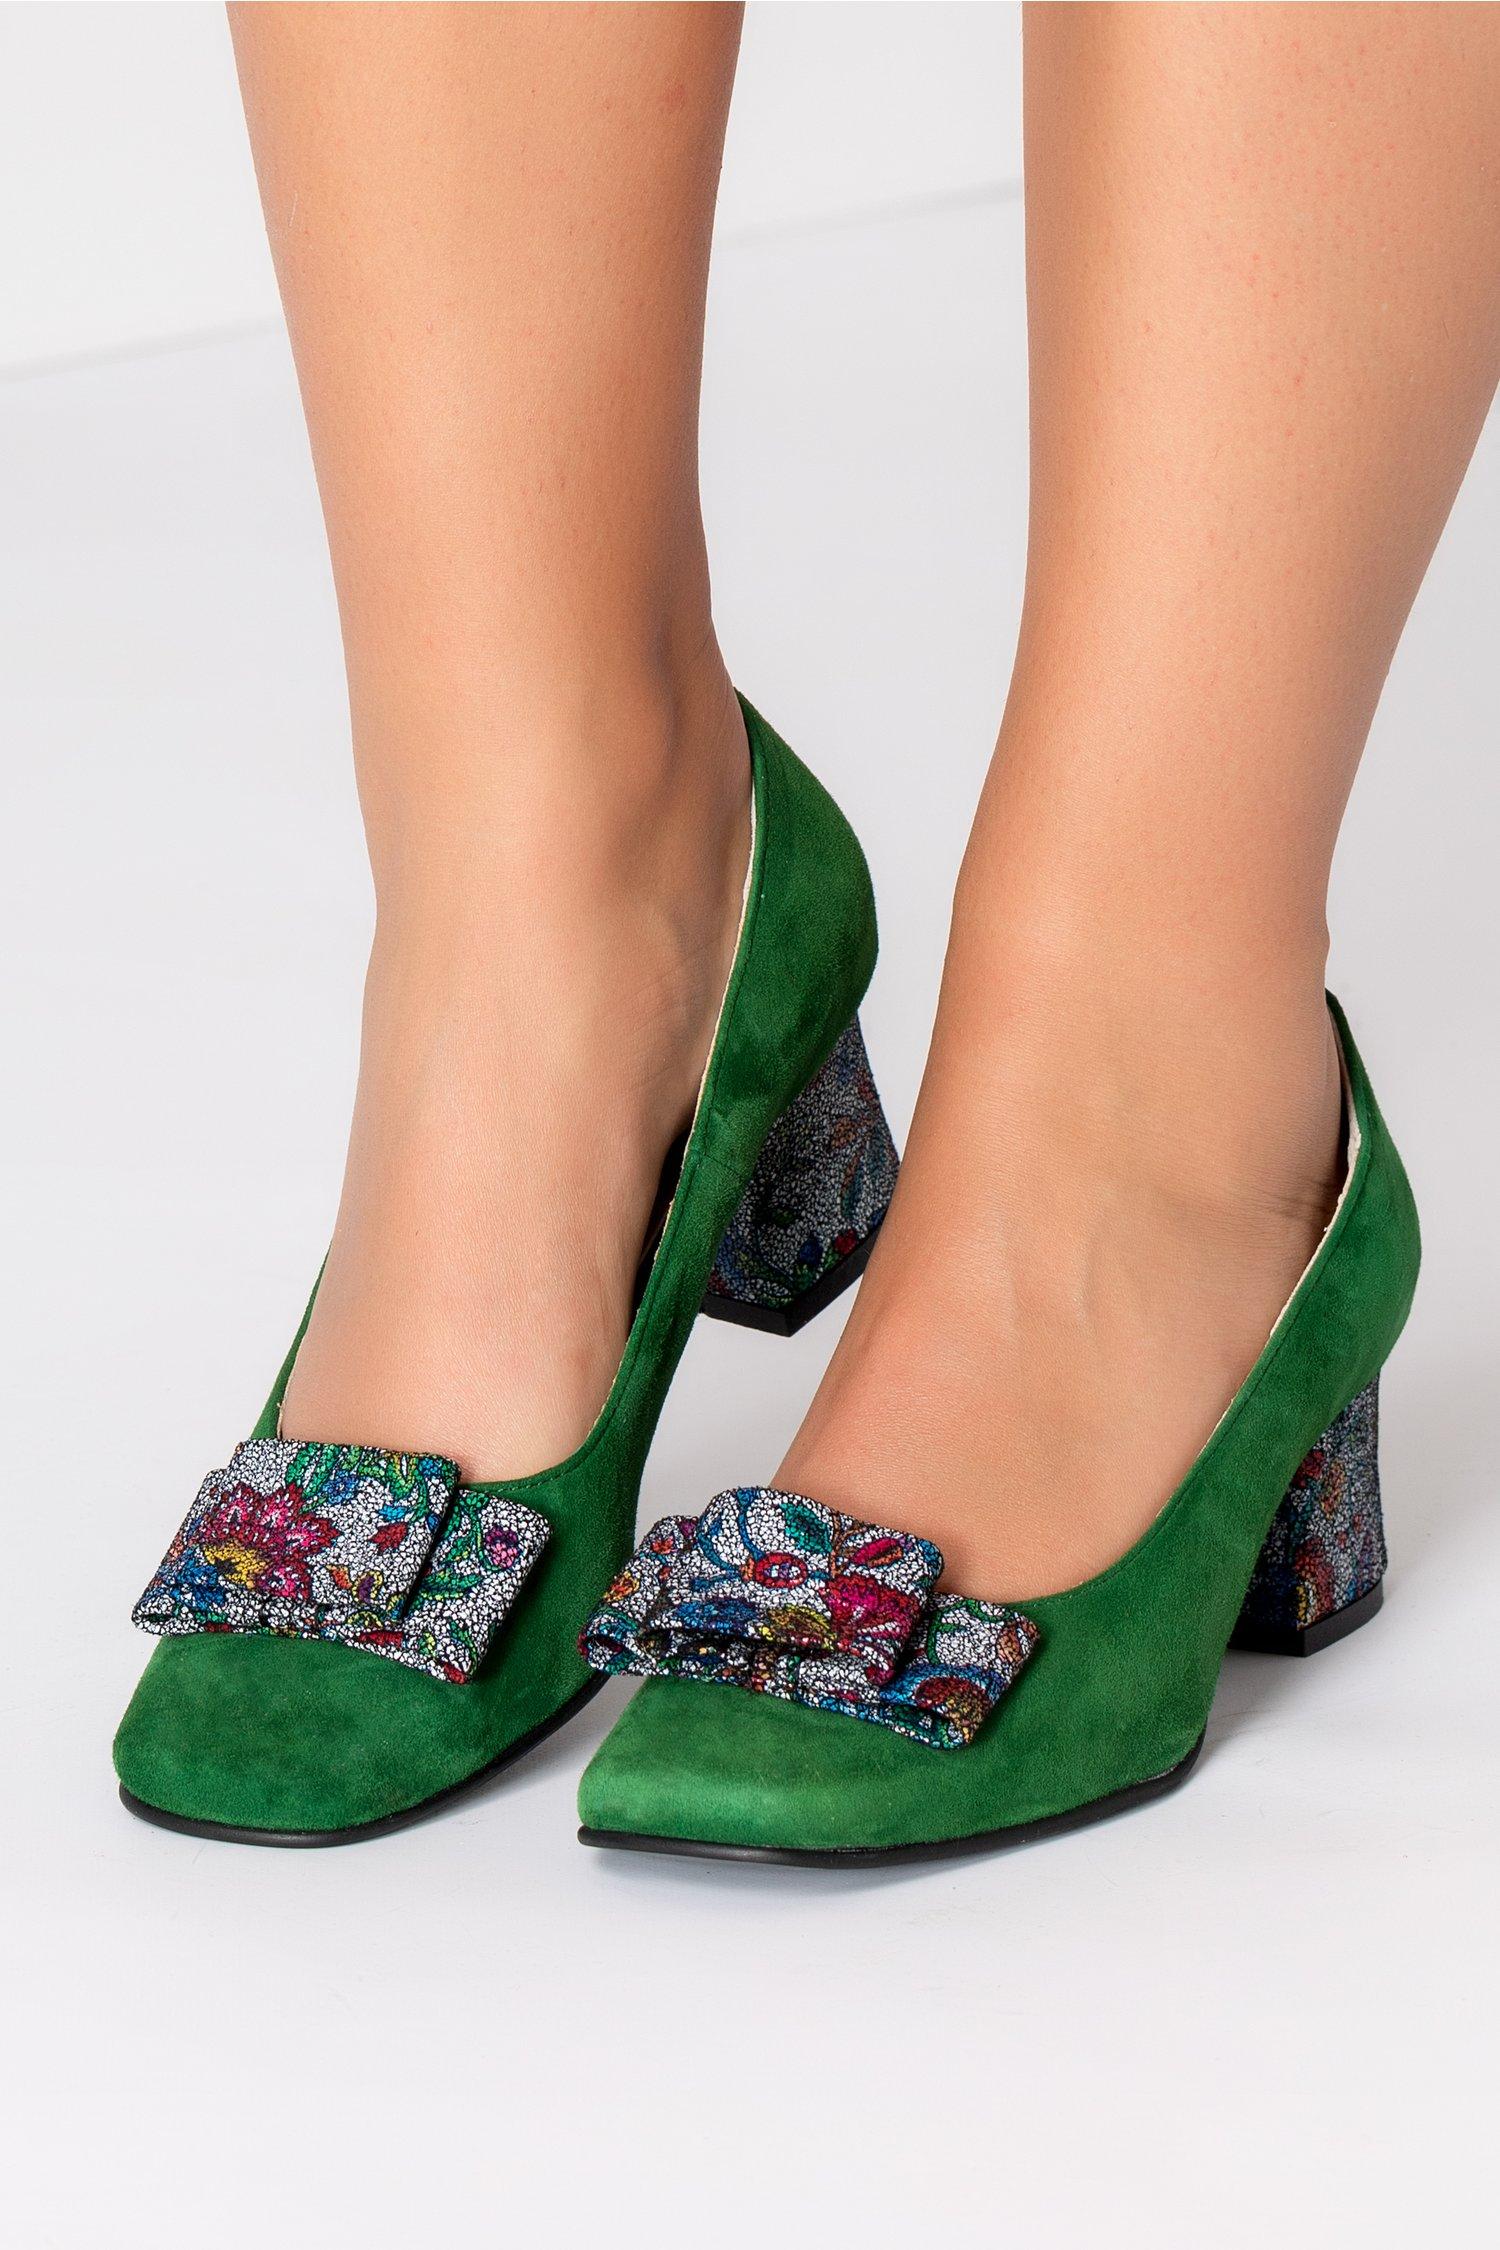 Pantofi dama verzi din piele naturala office cu imprimeu